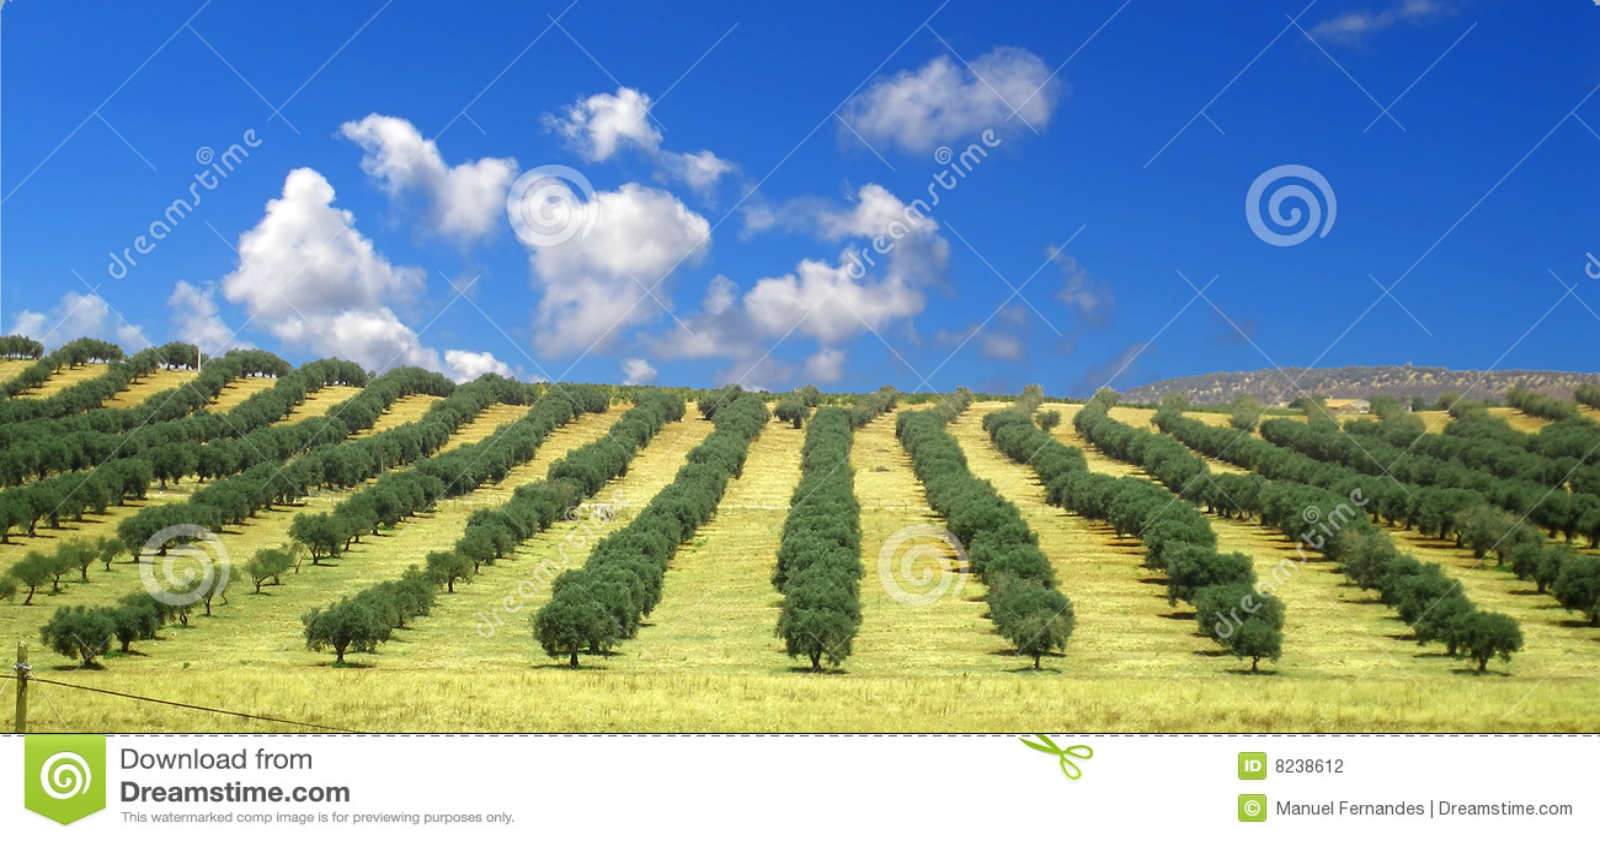 изображение оливкового дерева: